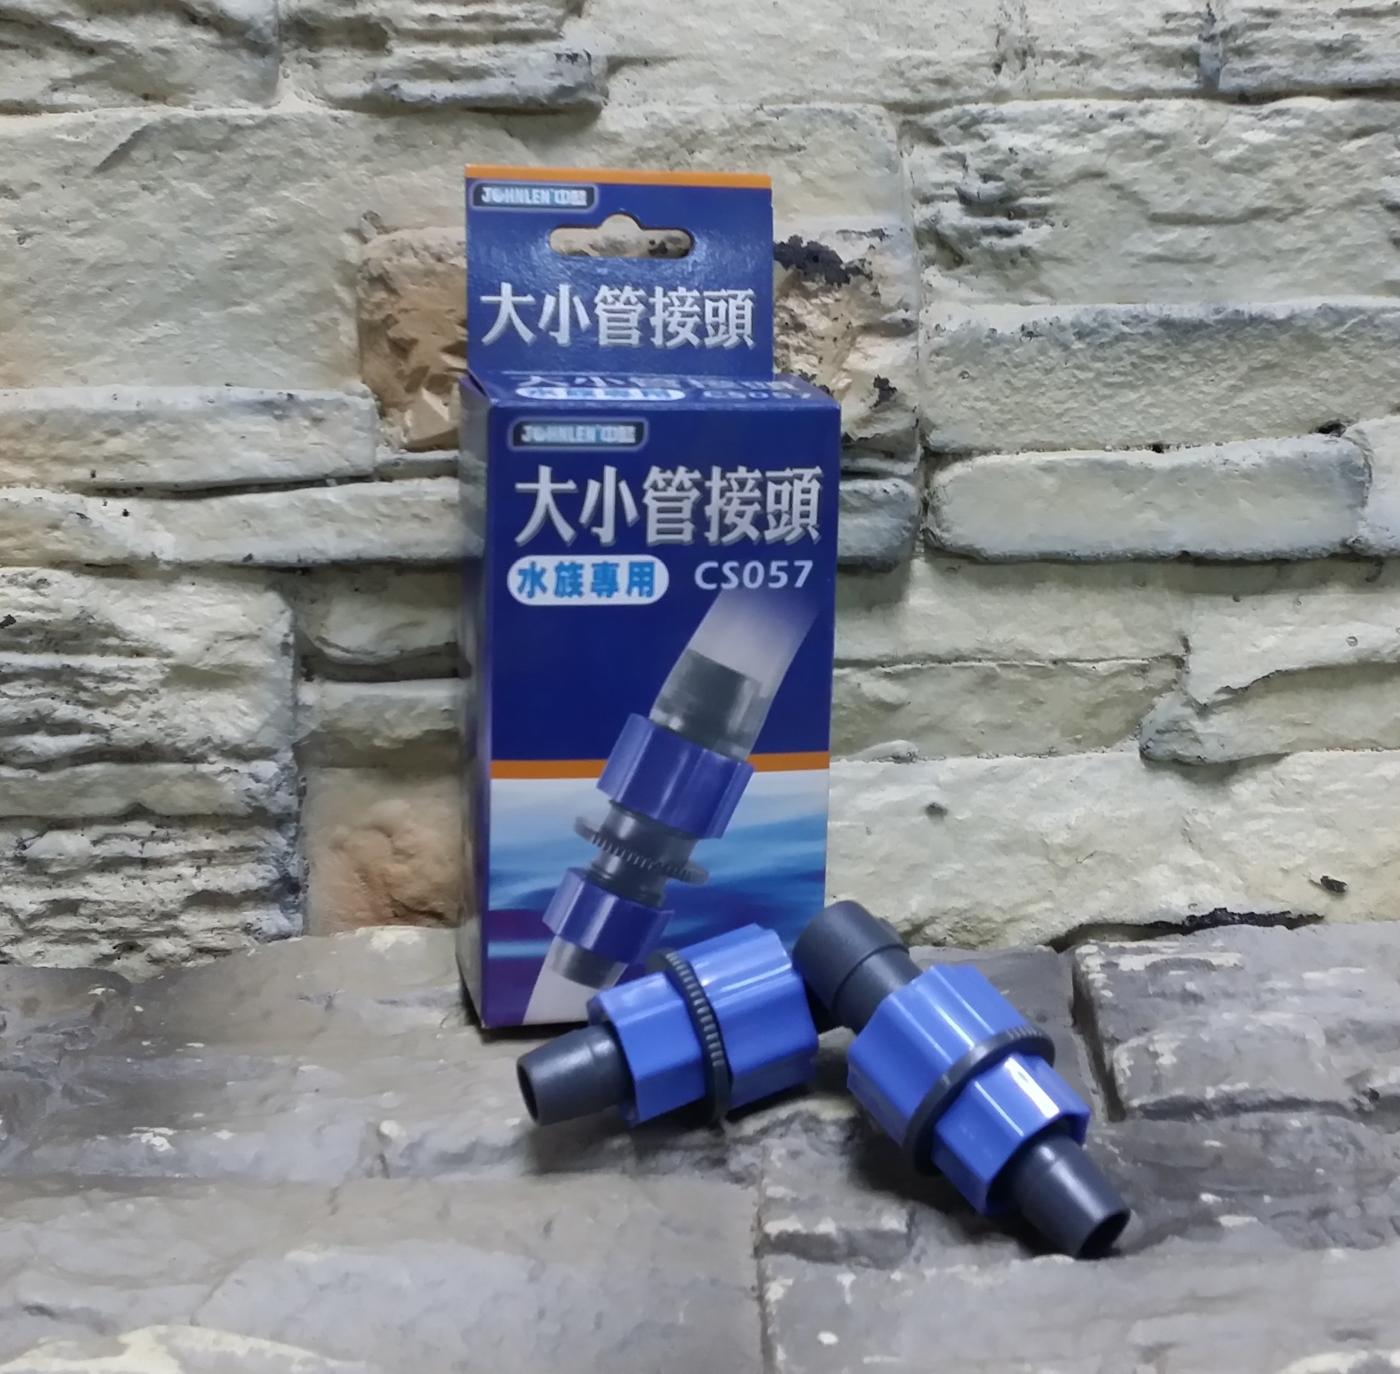 【西高地水族坊】中藍大小管轉接頭12轉16mm水管轉接頭(軟管轉接)(2入)